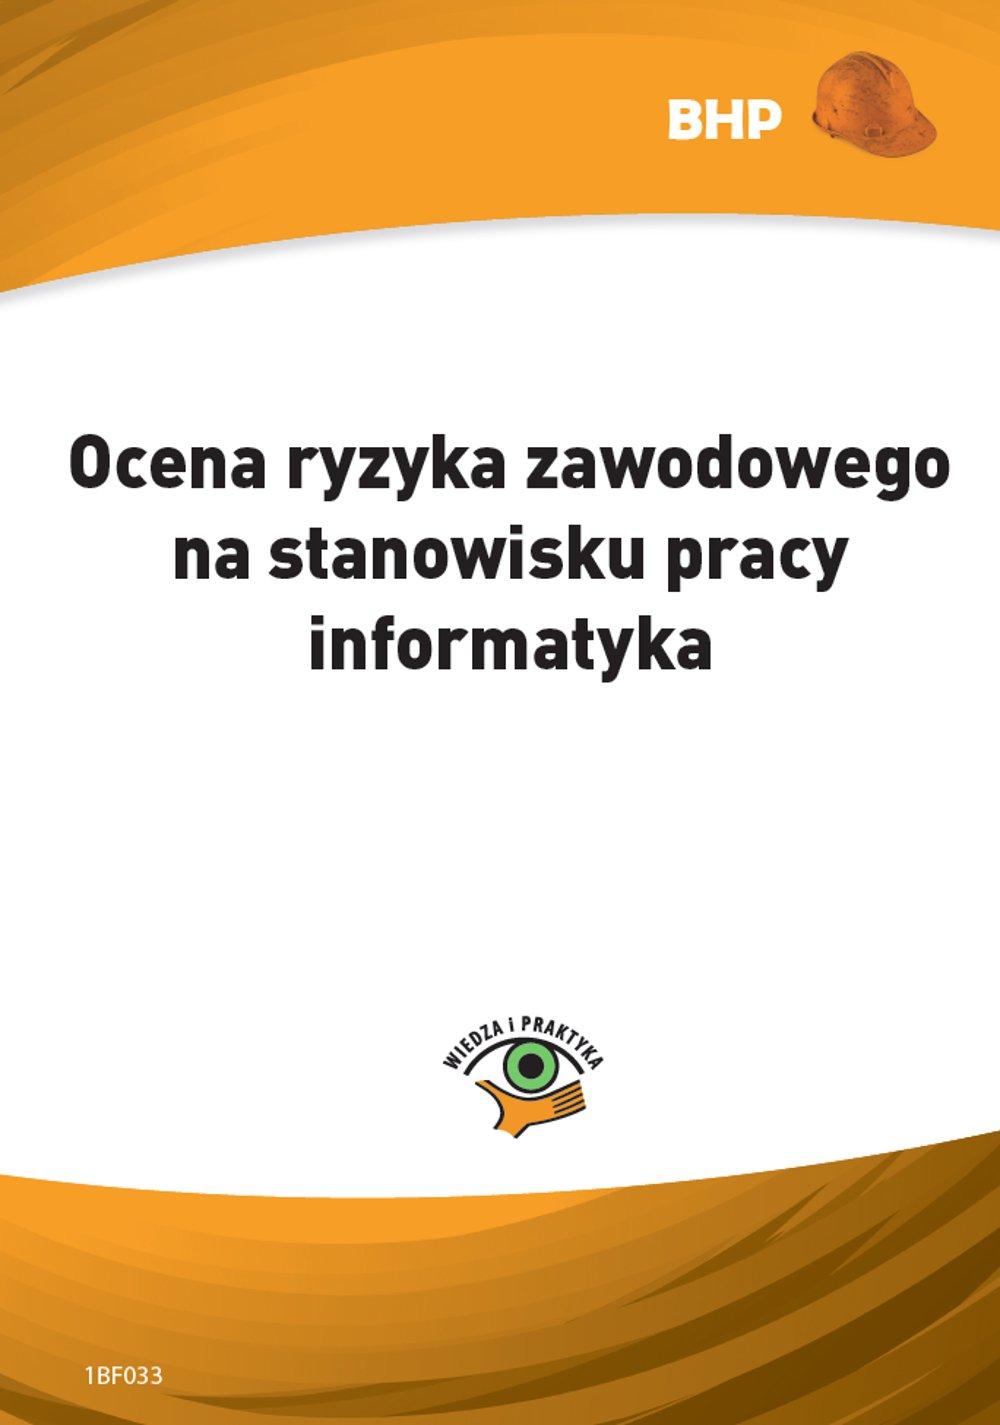 Ocena ryzyka zawodowego na stanowisku pracy informatyka - Ebook (Książka PDF) do pobrania w formacie PDF